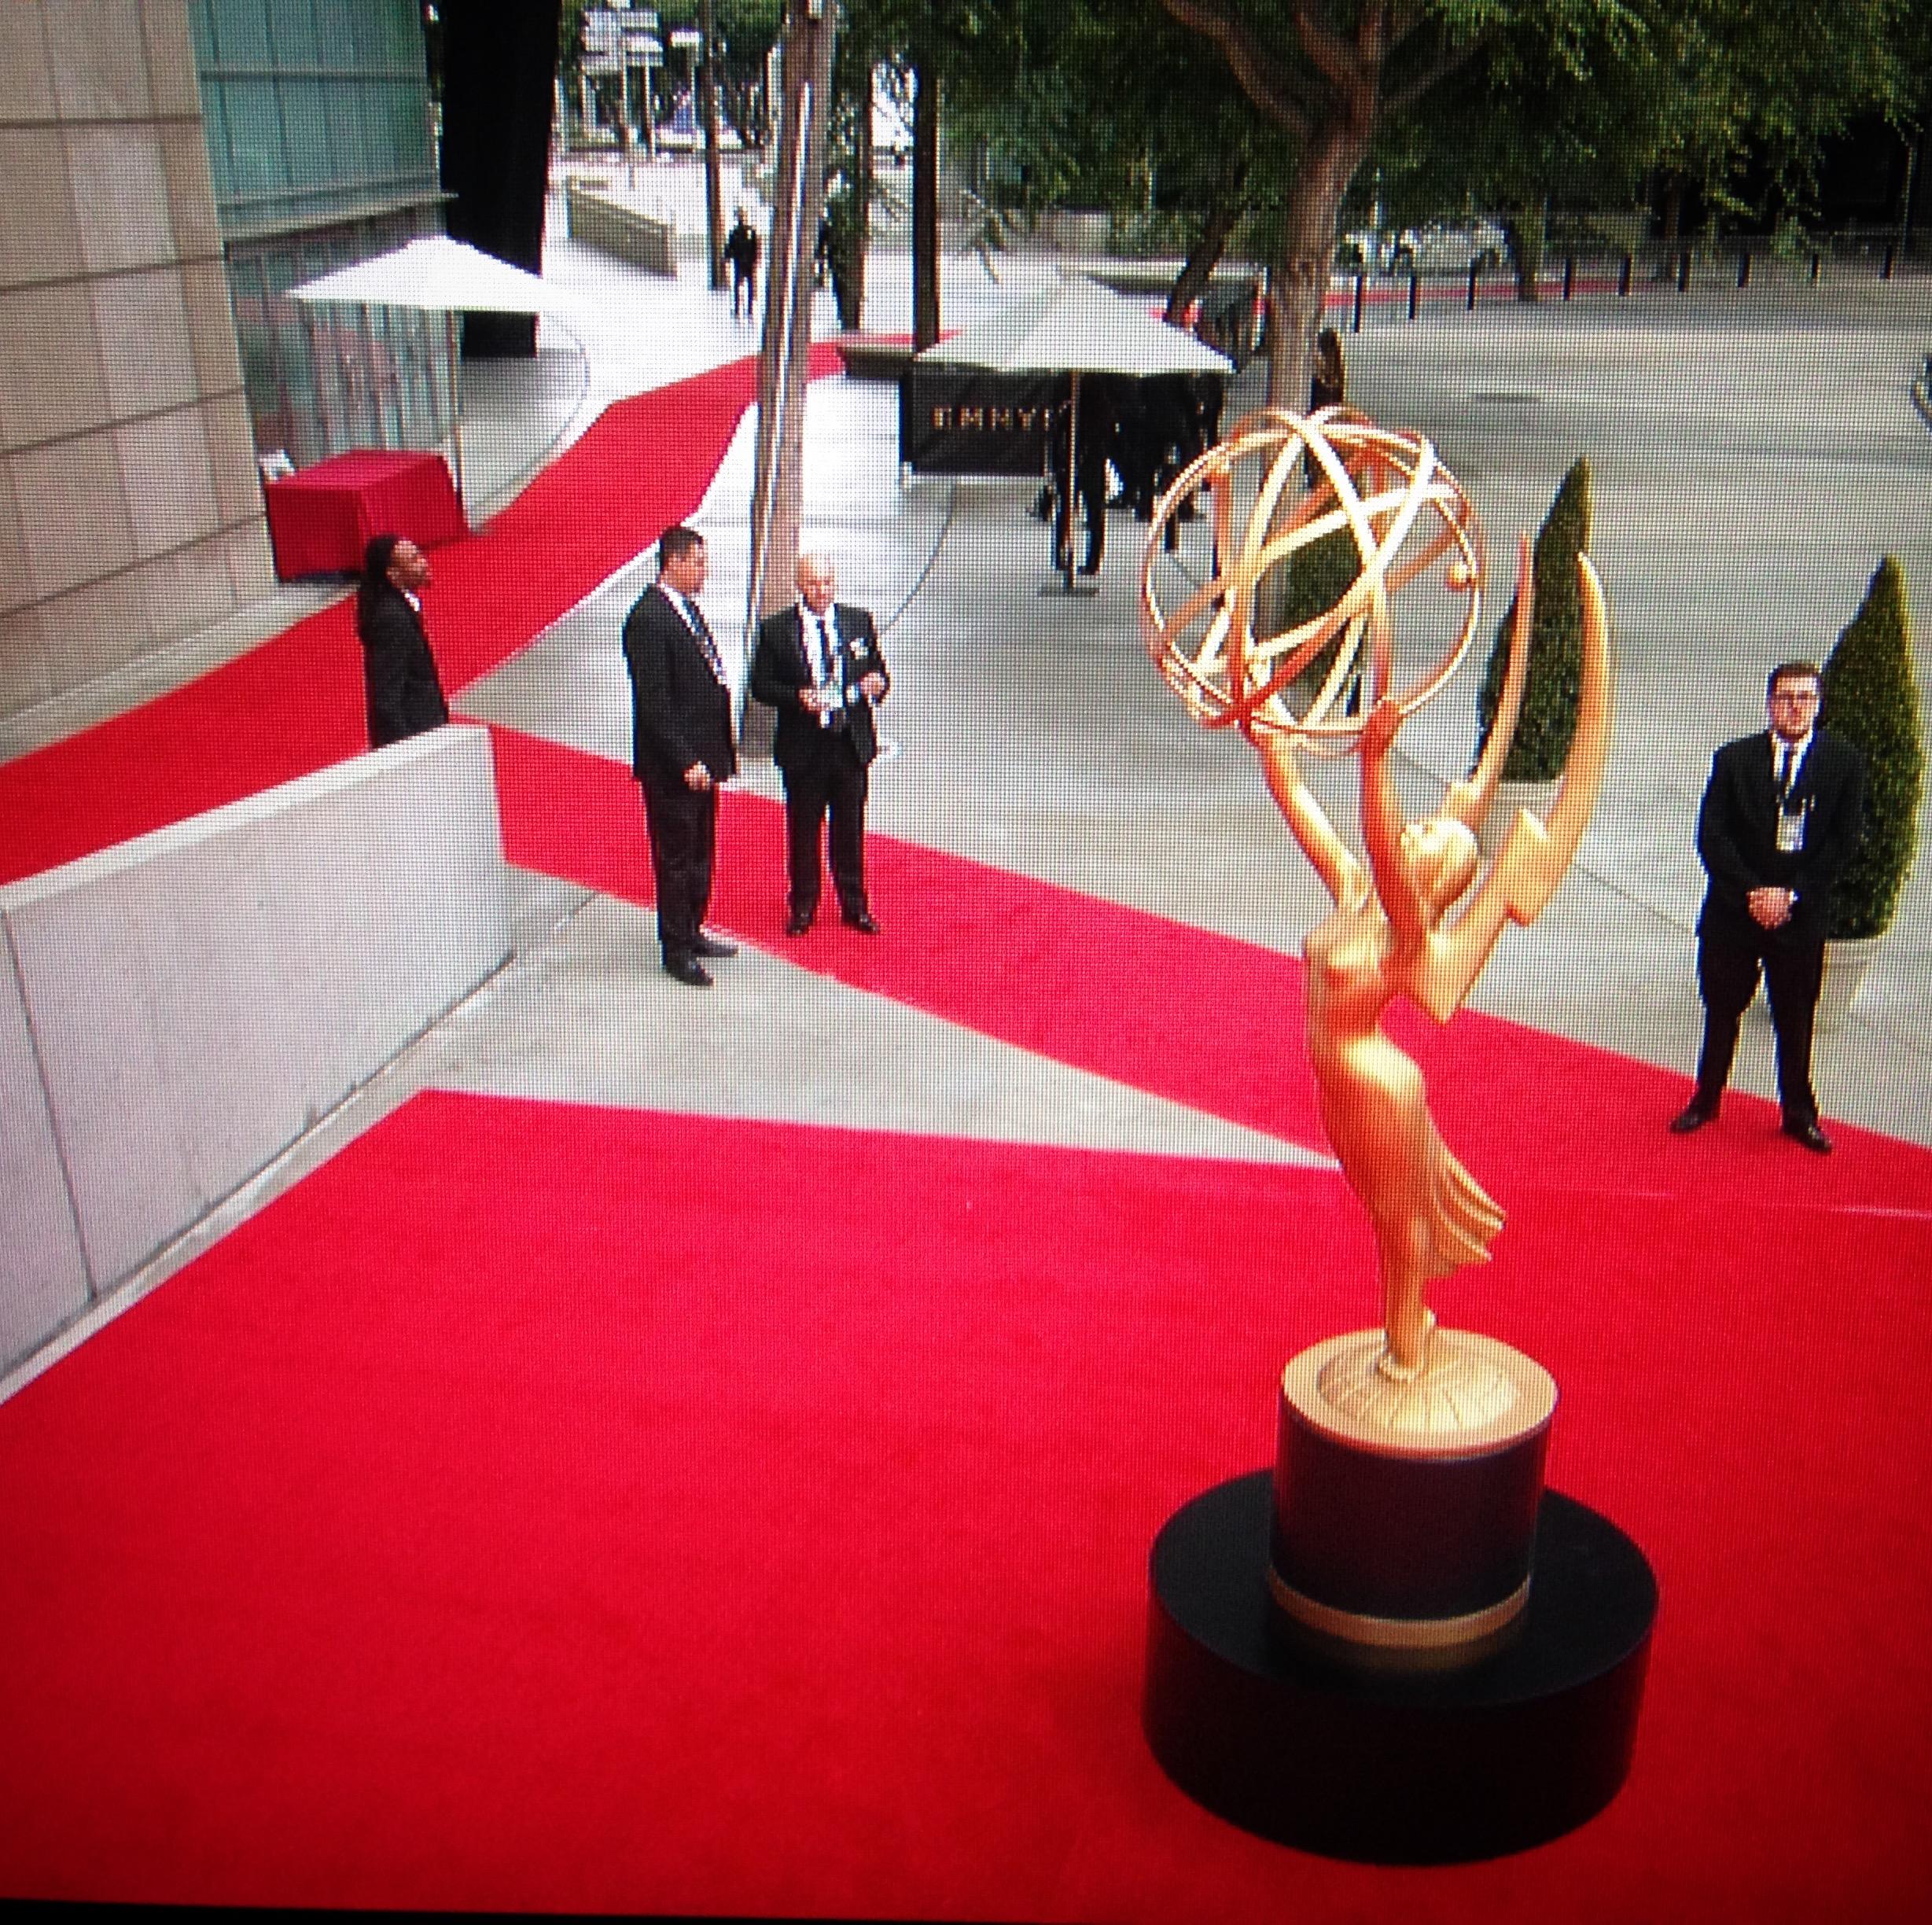 2017 EmmyAwards